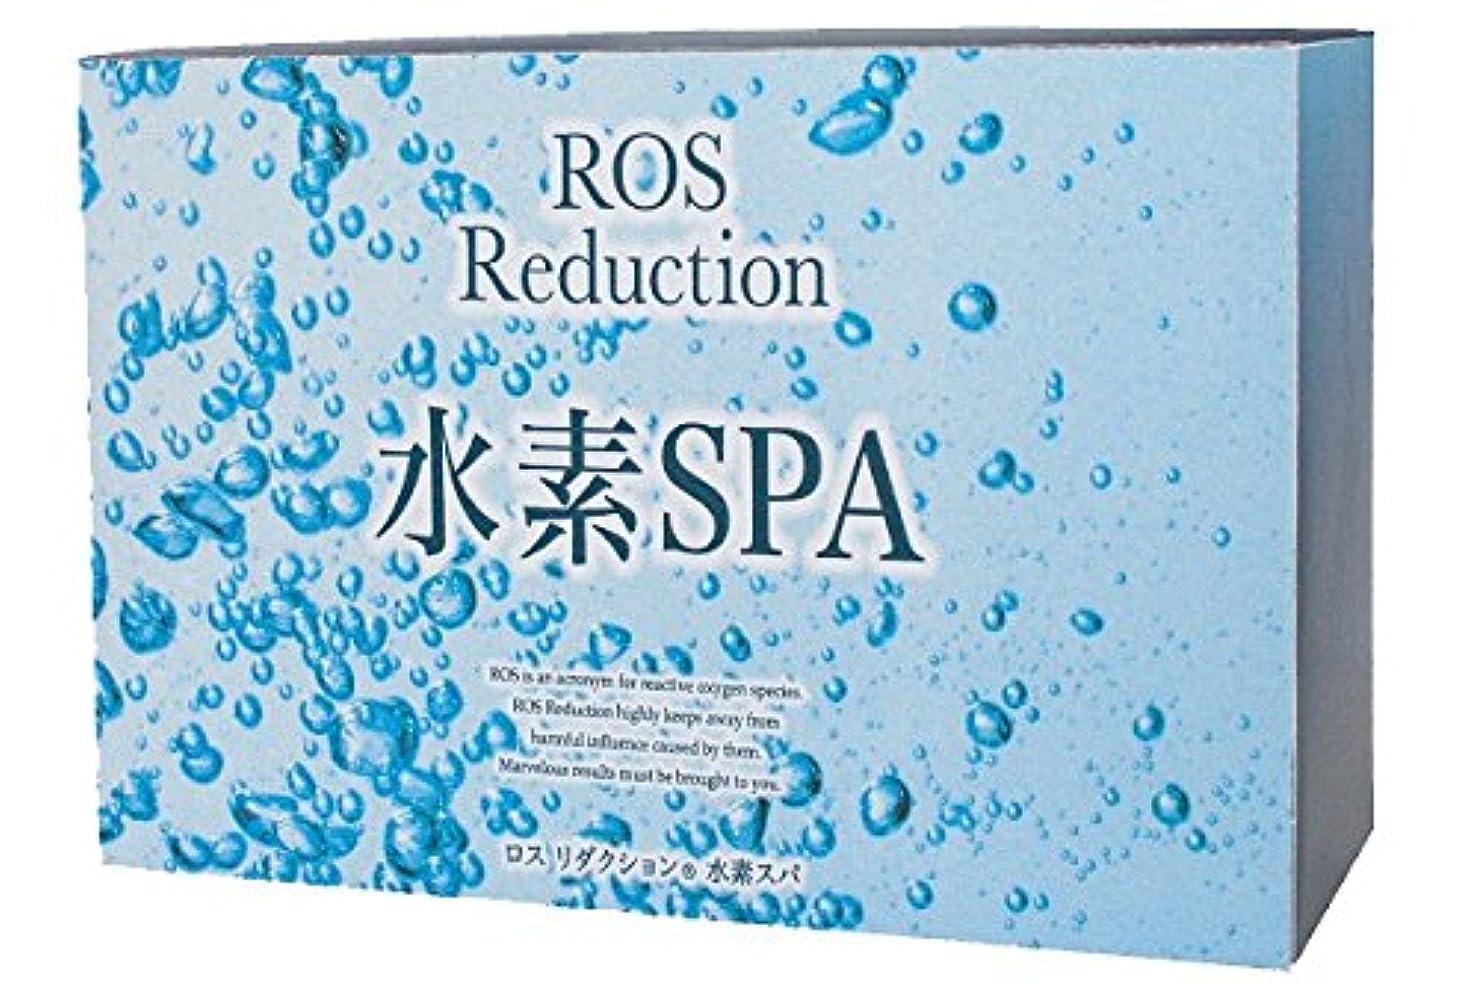 安息静的フォークお得な6箱セット トップクラスの高濃度水素入浴剤 ロスリダクション 水素SPA (50g×5包)